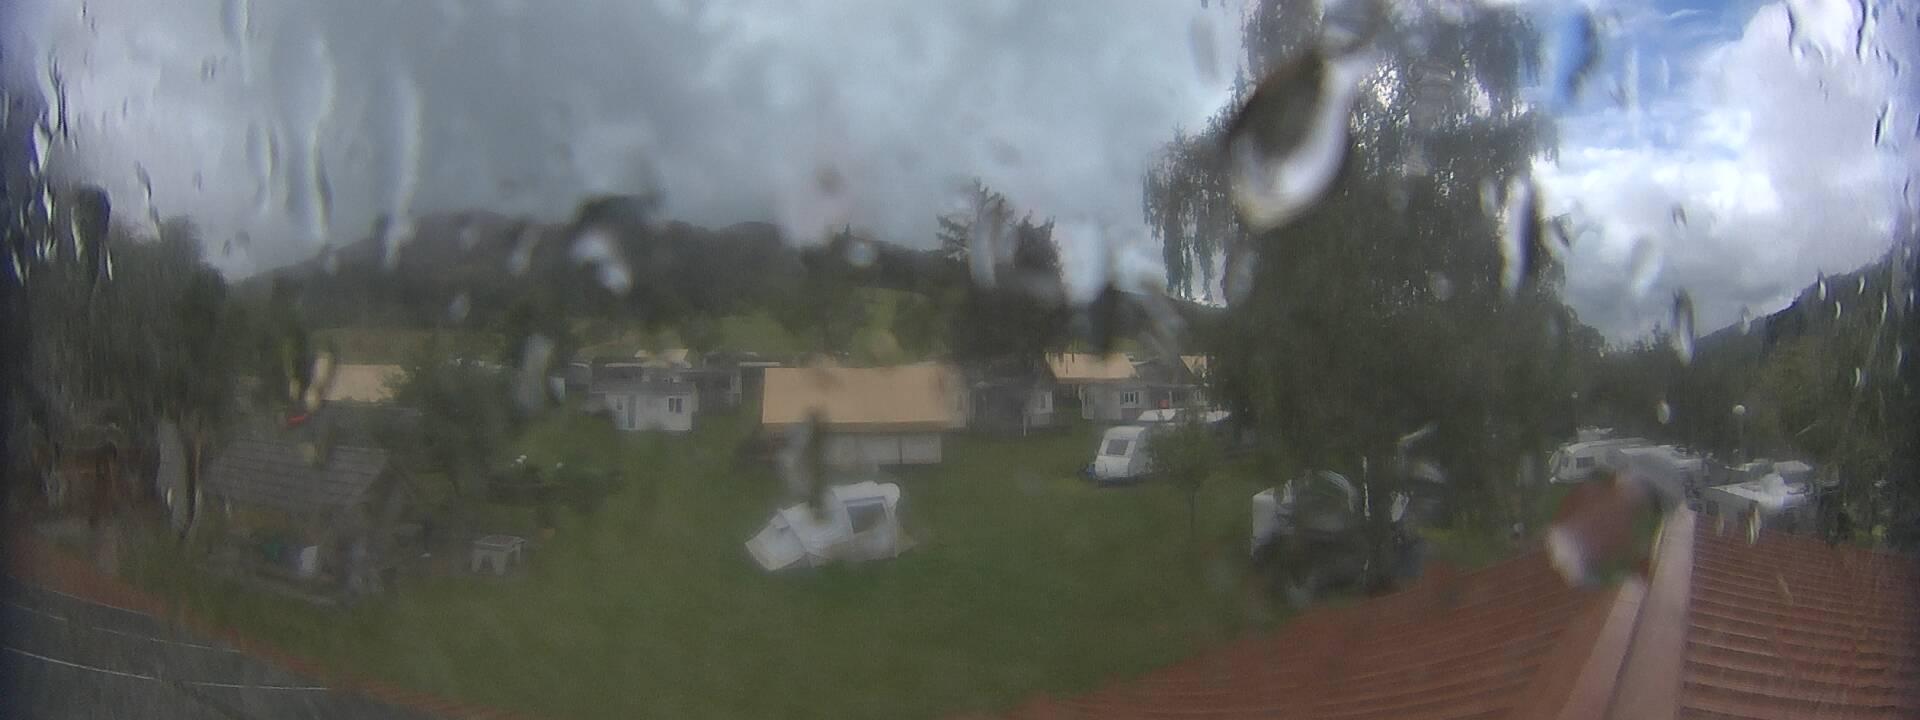 https://www.schwarzwald-camping.de/webcam/latest.jpg